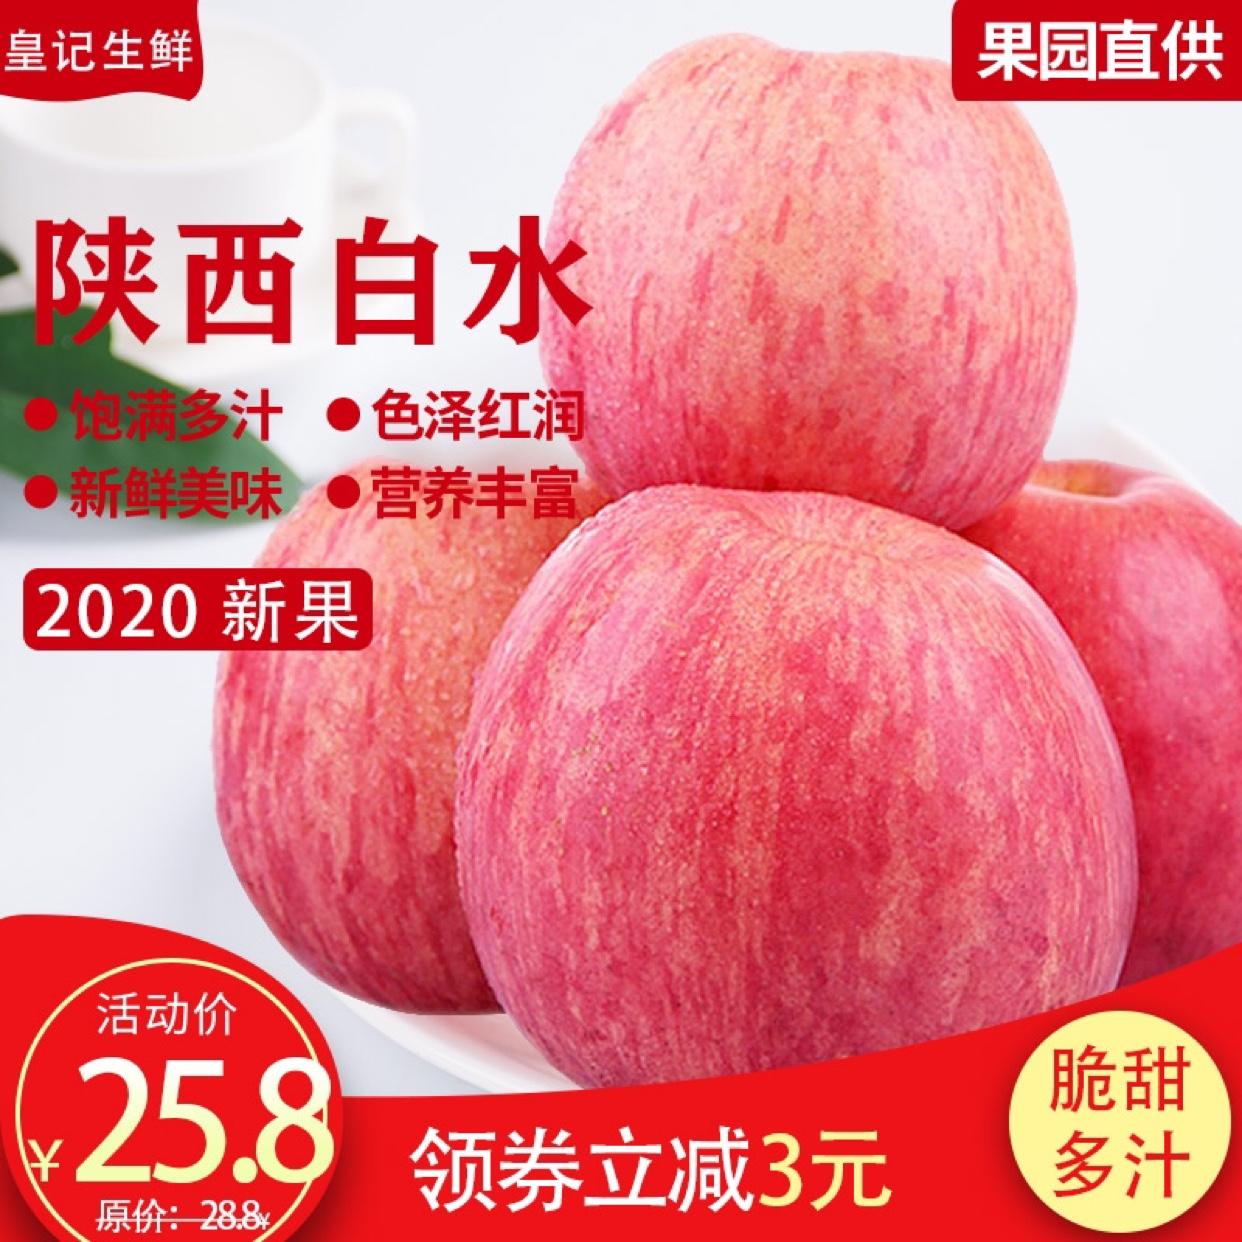 苹果水果陕西白水红富士新鲜现摘当季特产整箱5 10斤包邮脆甜大果